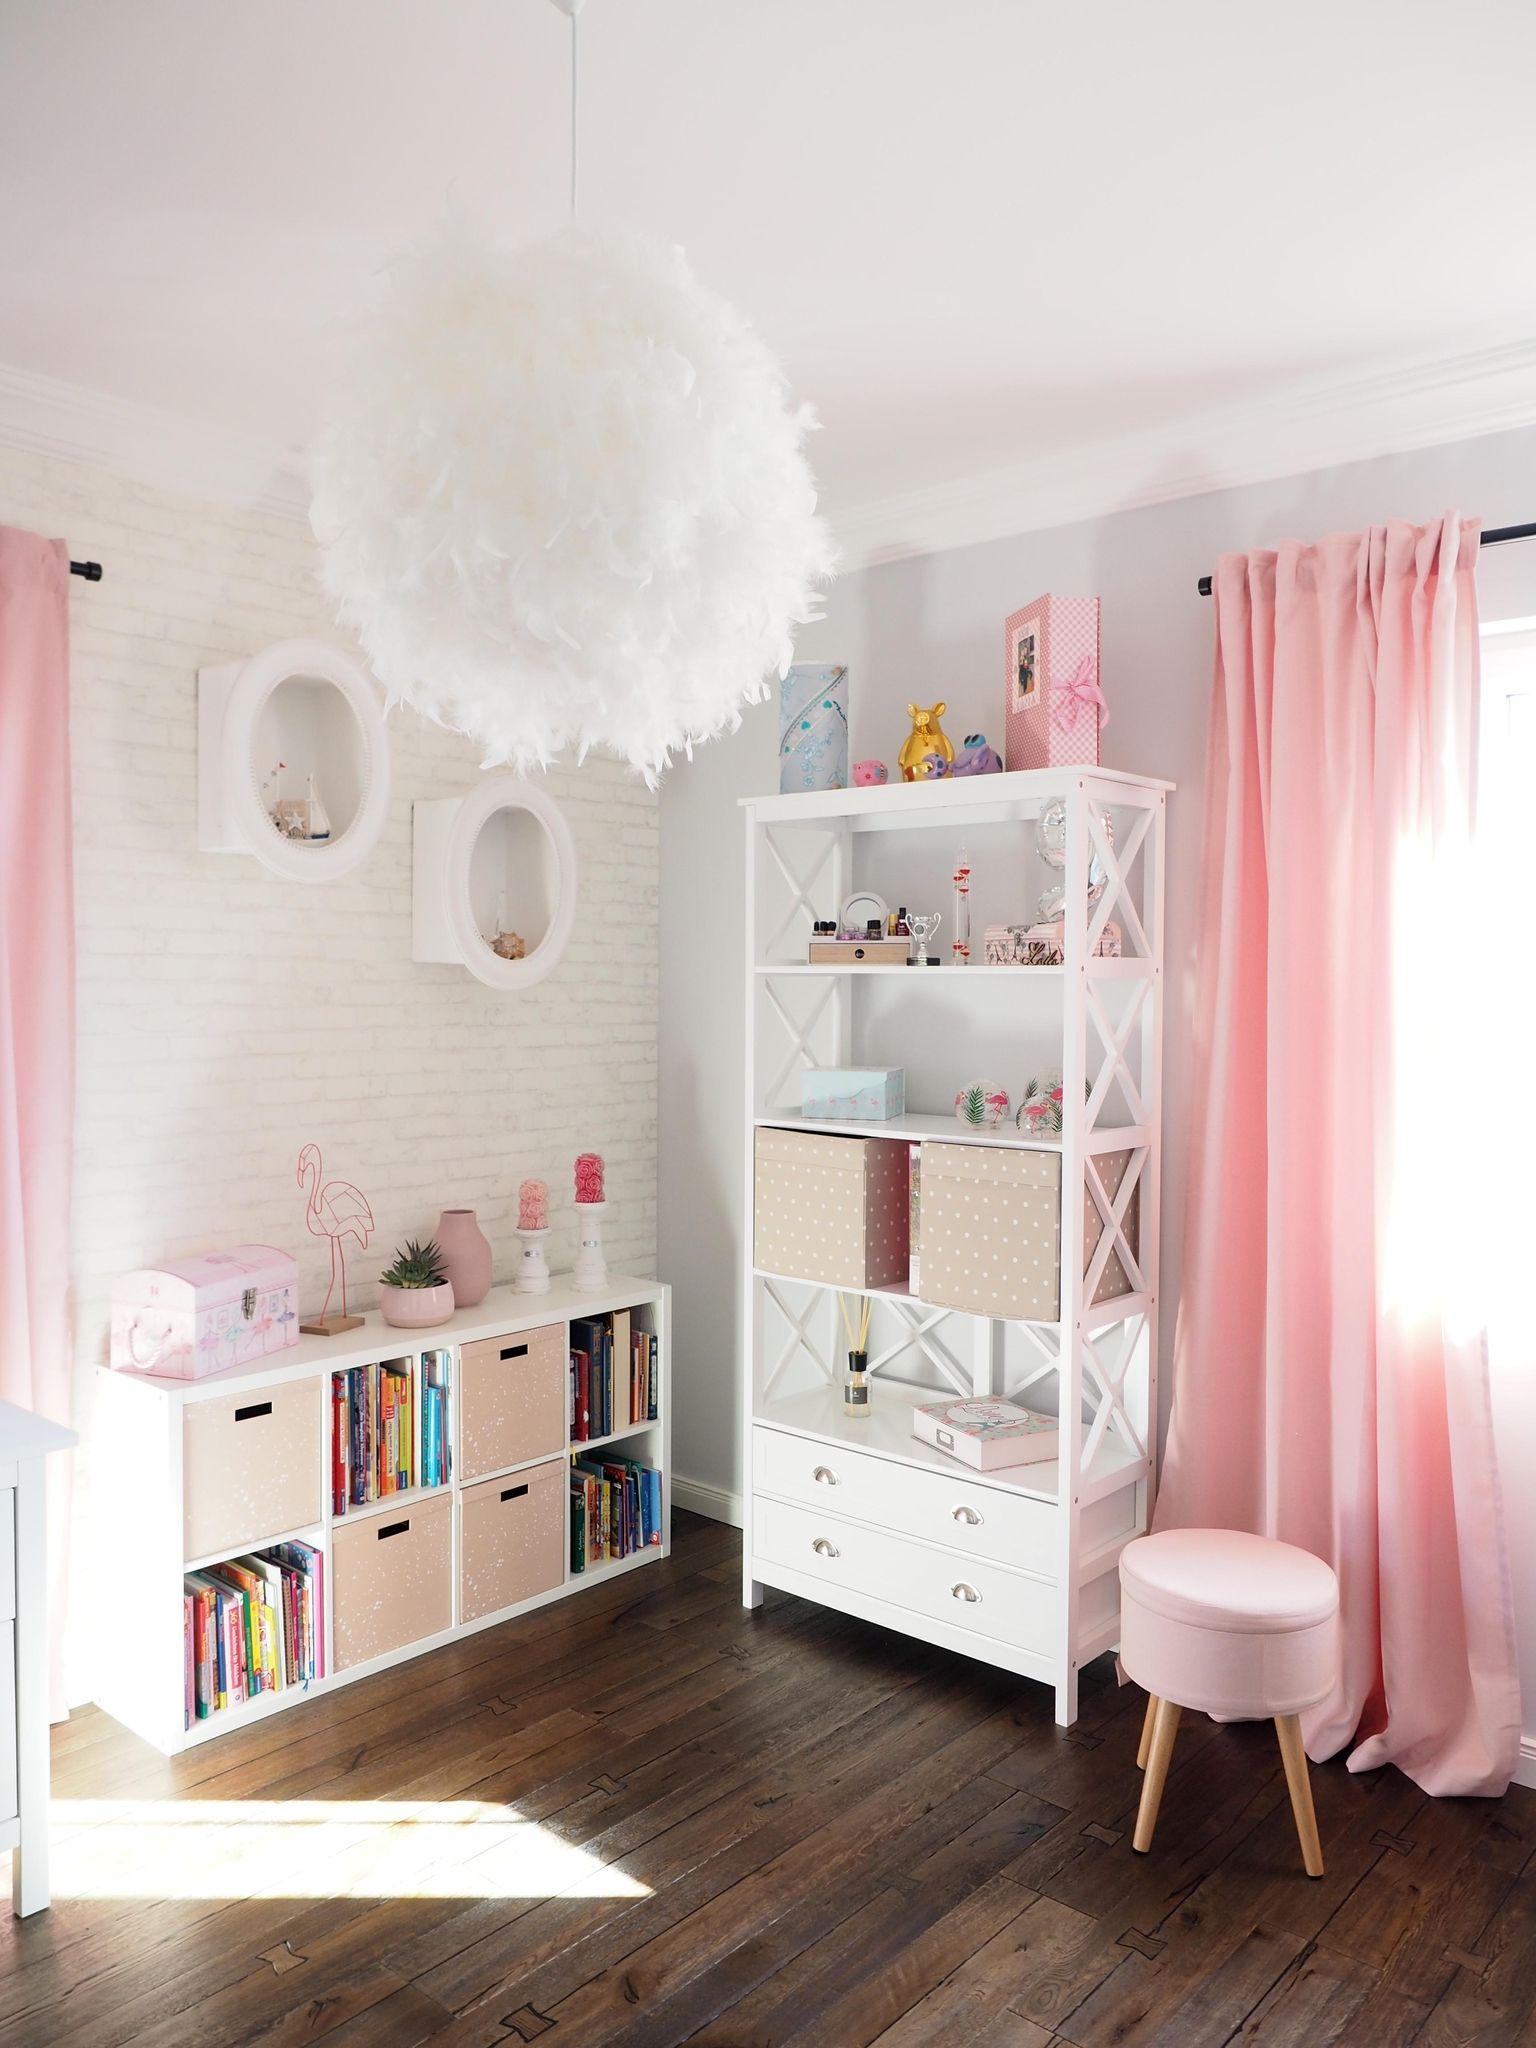 Kinderzimmer Ideen für WohlfühlBuden So geht's! Kinder